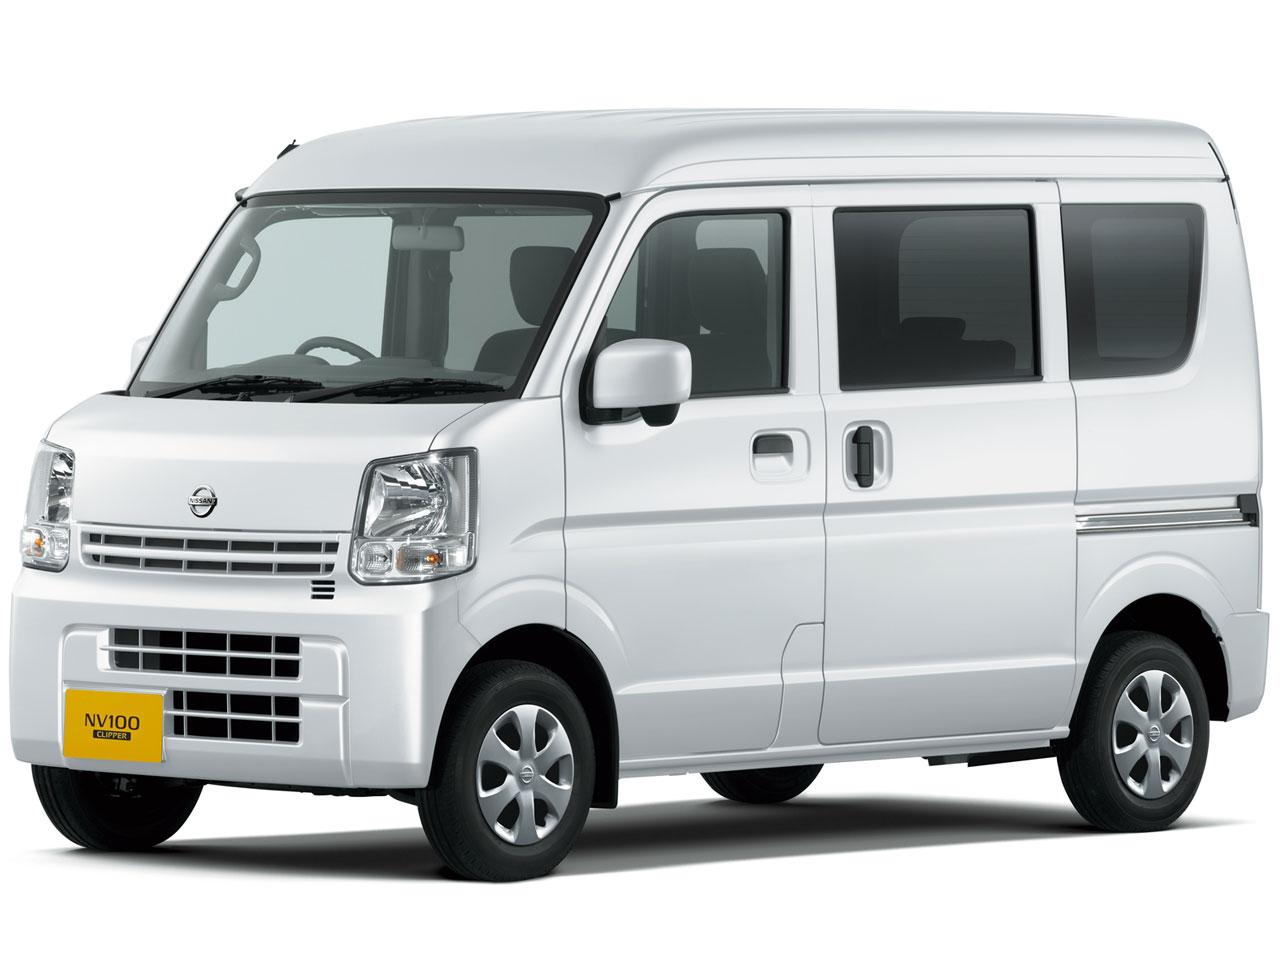 日産 NV100クリッパー 商用車 2015年モデル 新車画像